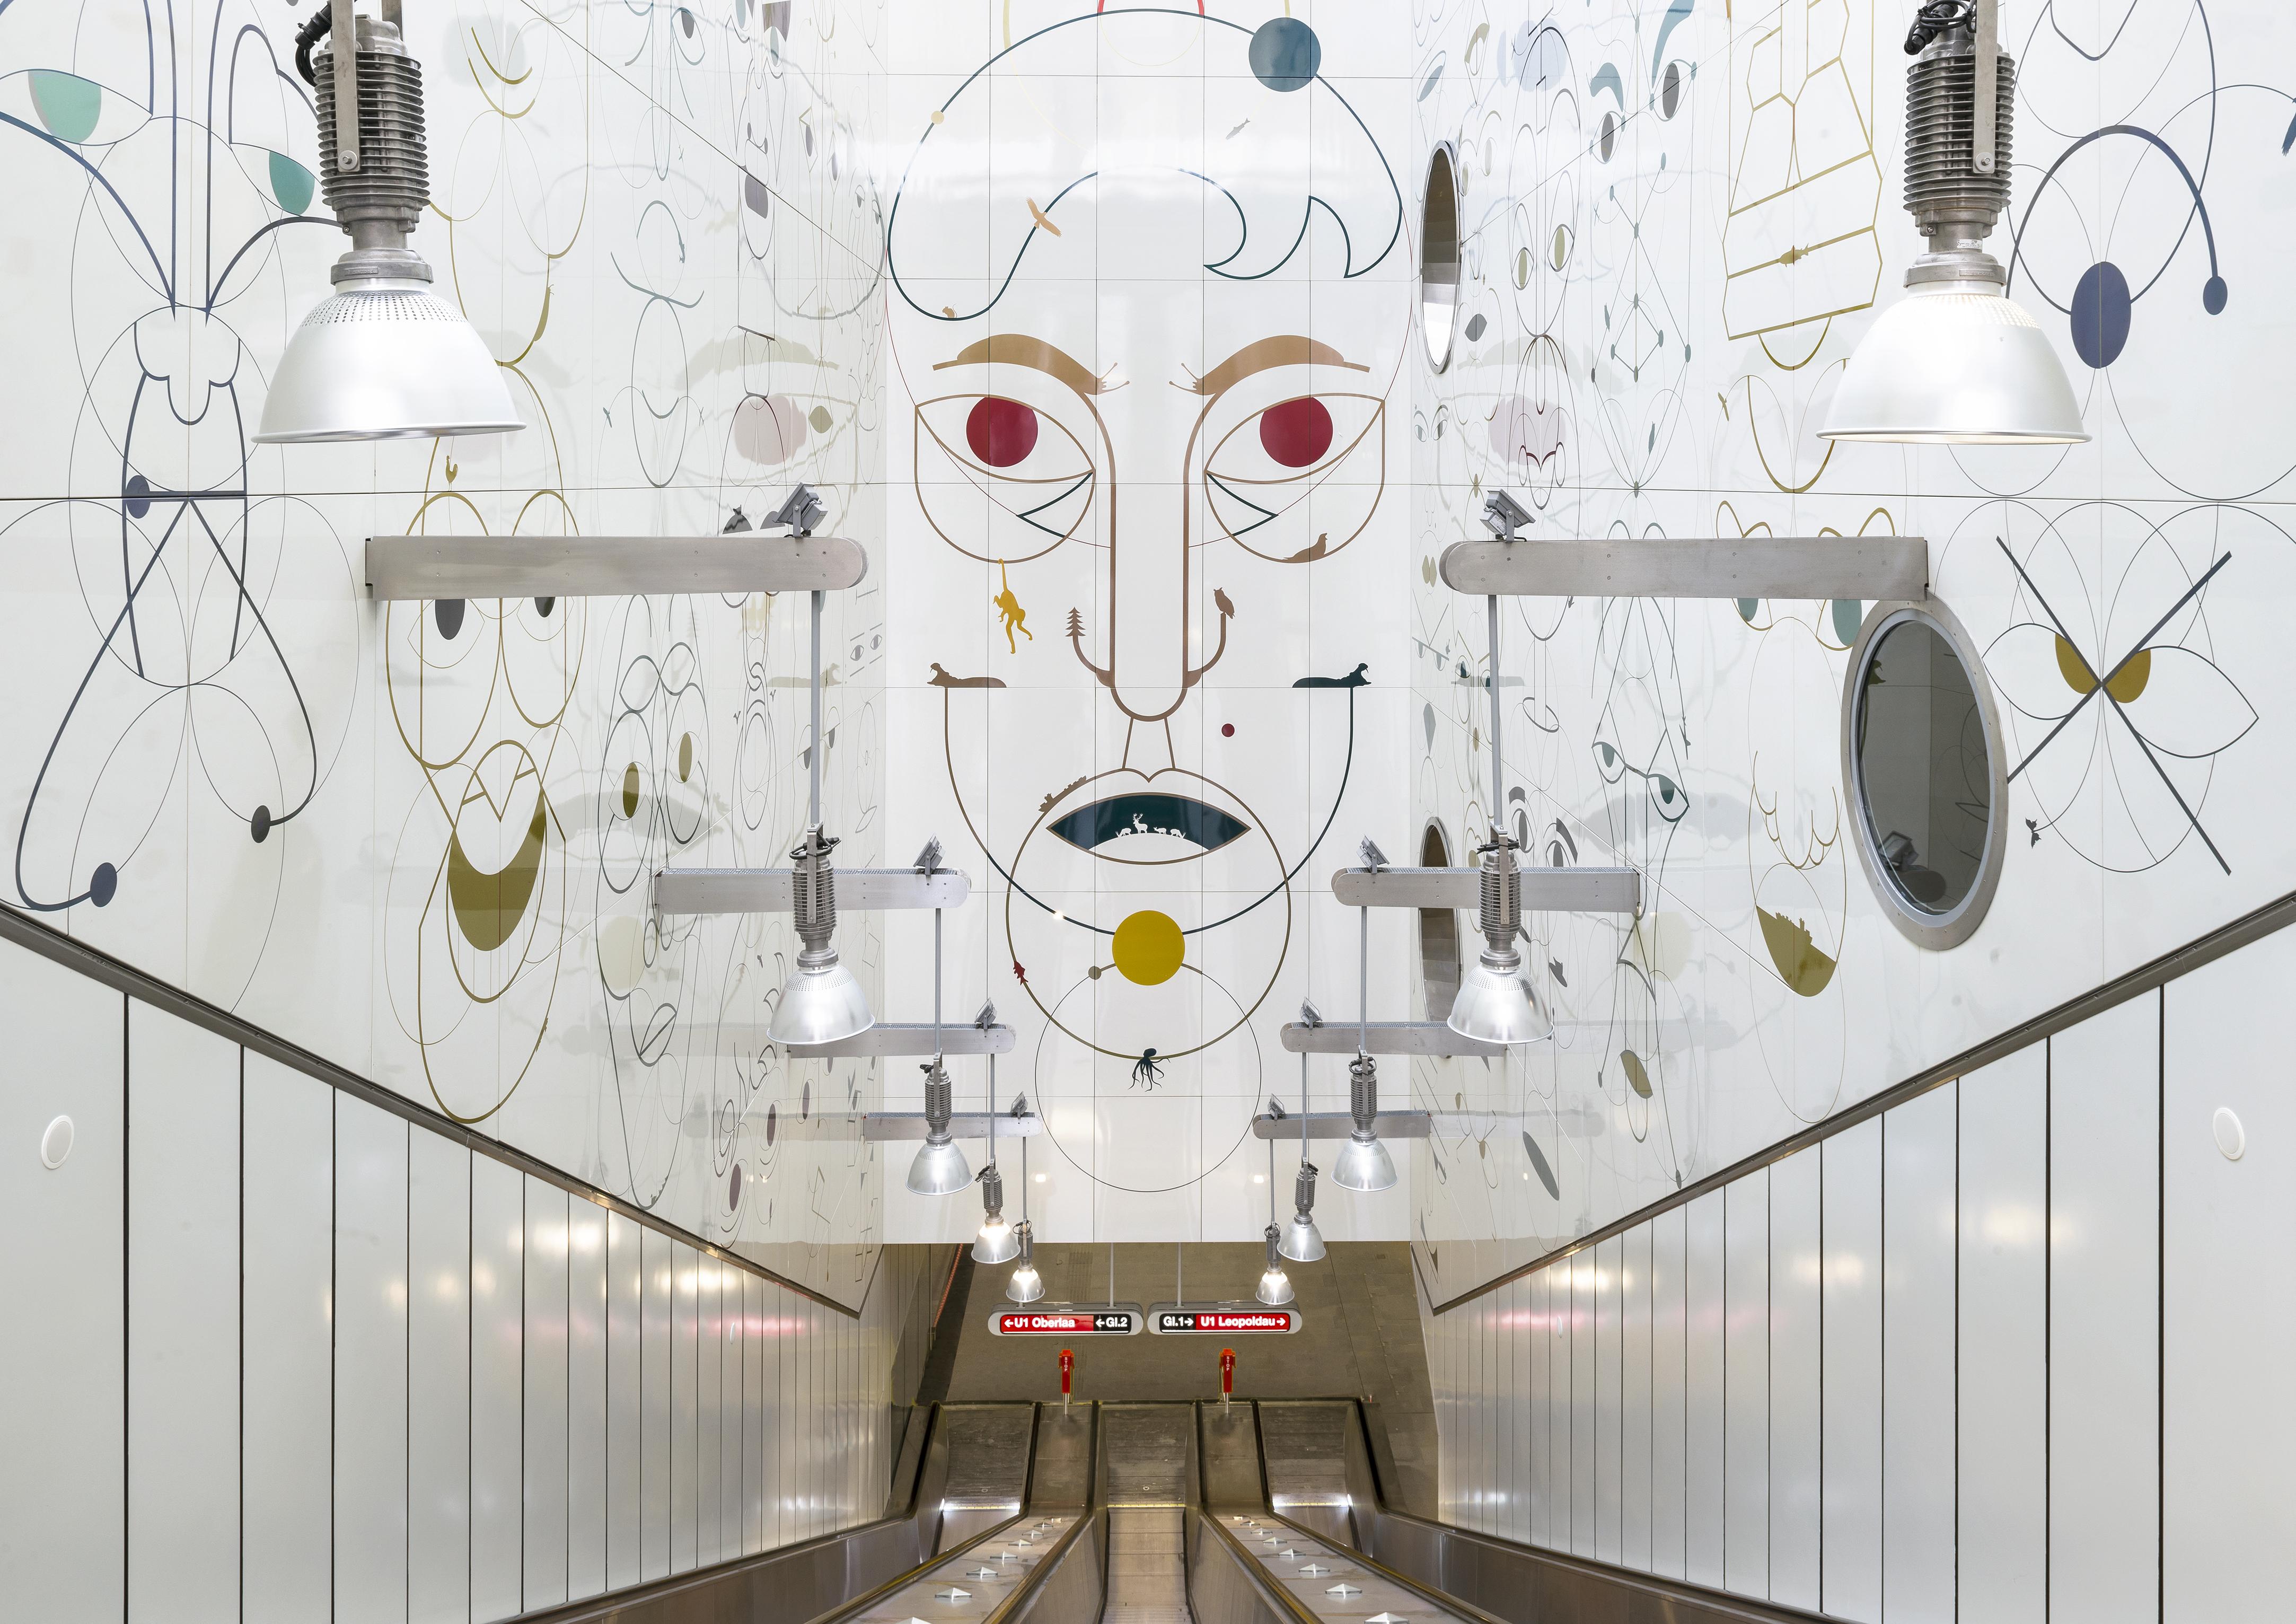 Yves Netzhammer, Gesichtsüberwachungsschnecken, 2017, permanente Installation, U1-Station Altes Landgut, Wien. Foto: Iris Ranzinger, KÖR GmbH © Yves Netzhammer